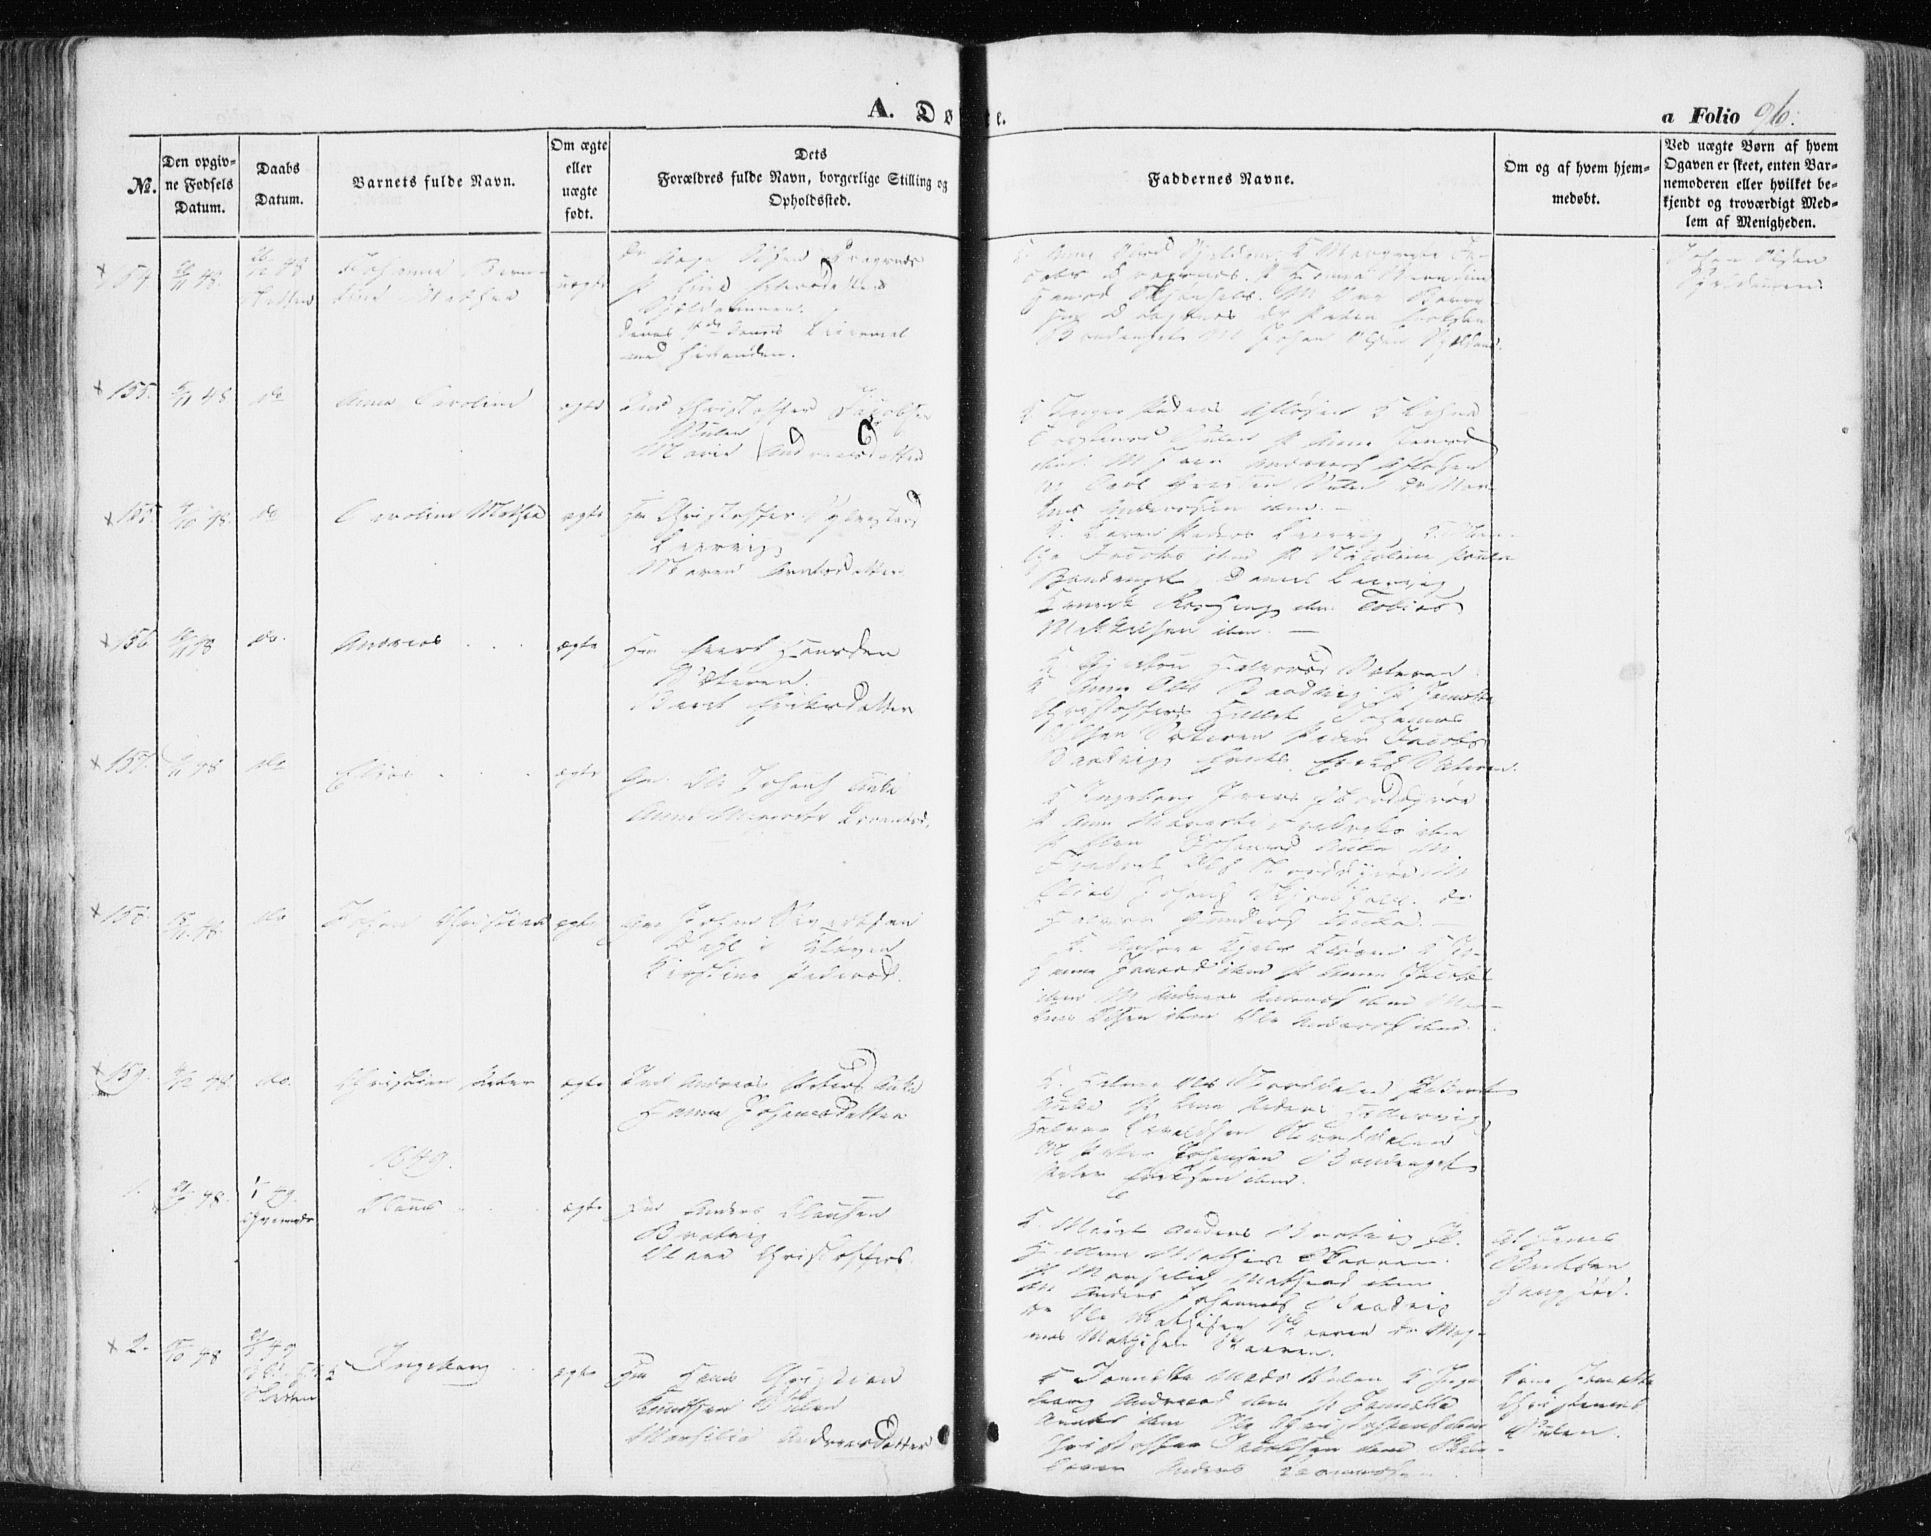 SAT, Ministerialprotokoller, klokkerbøker og fødselsregistre - Sør-Trøndelag, 634/L0529: Ministerialbok nr. 634A05, 1843-1851, s. 96